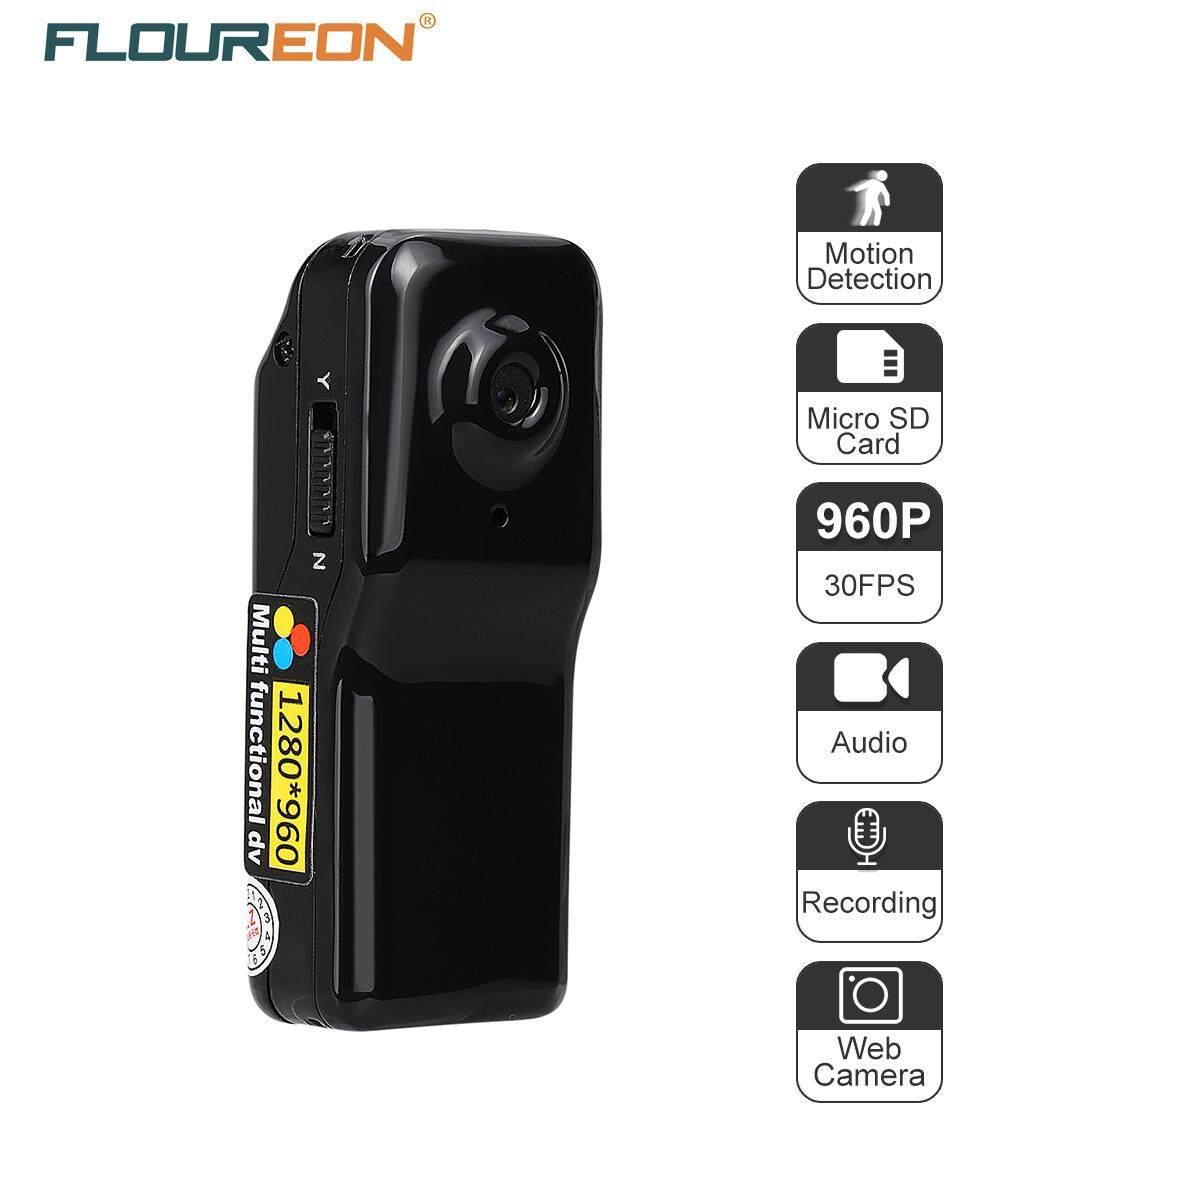 Máy ẢNH Mini DV FLOUREON 1.3 Mega Pixels HD DVR Thể Thao Video/Âm Thanh/Chụp Phát Hiện Chuyển Động Ghi Âm MÁY TÍNH Web camera Đen